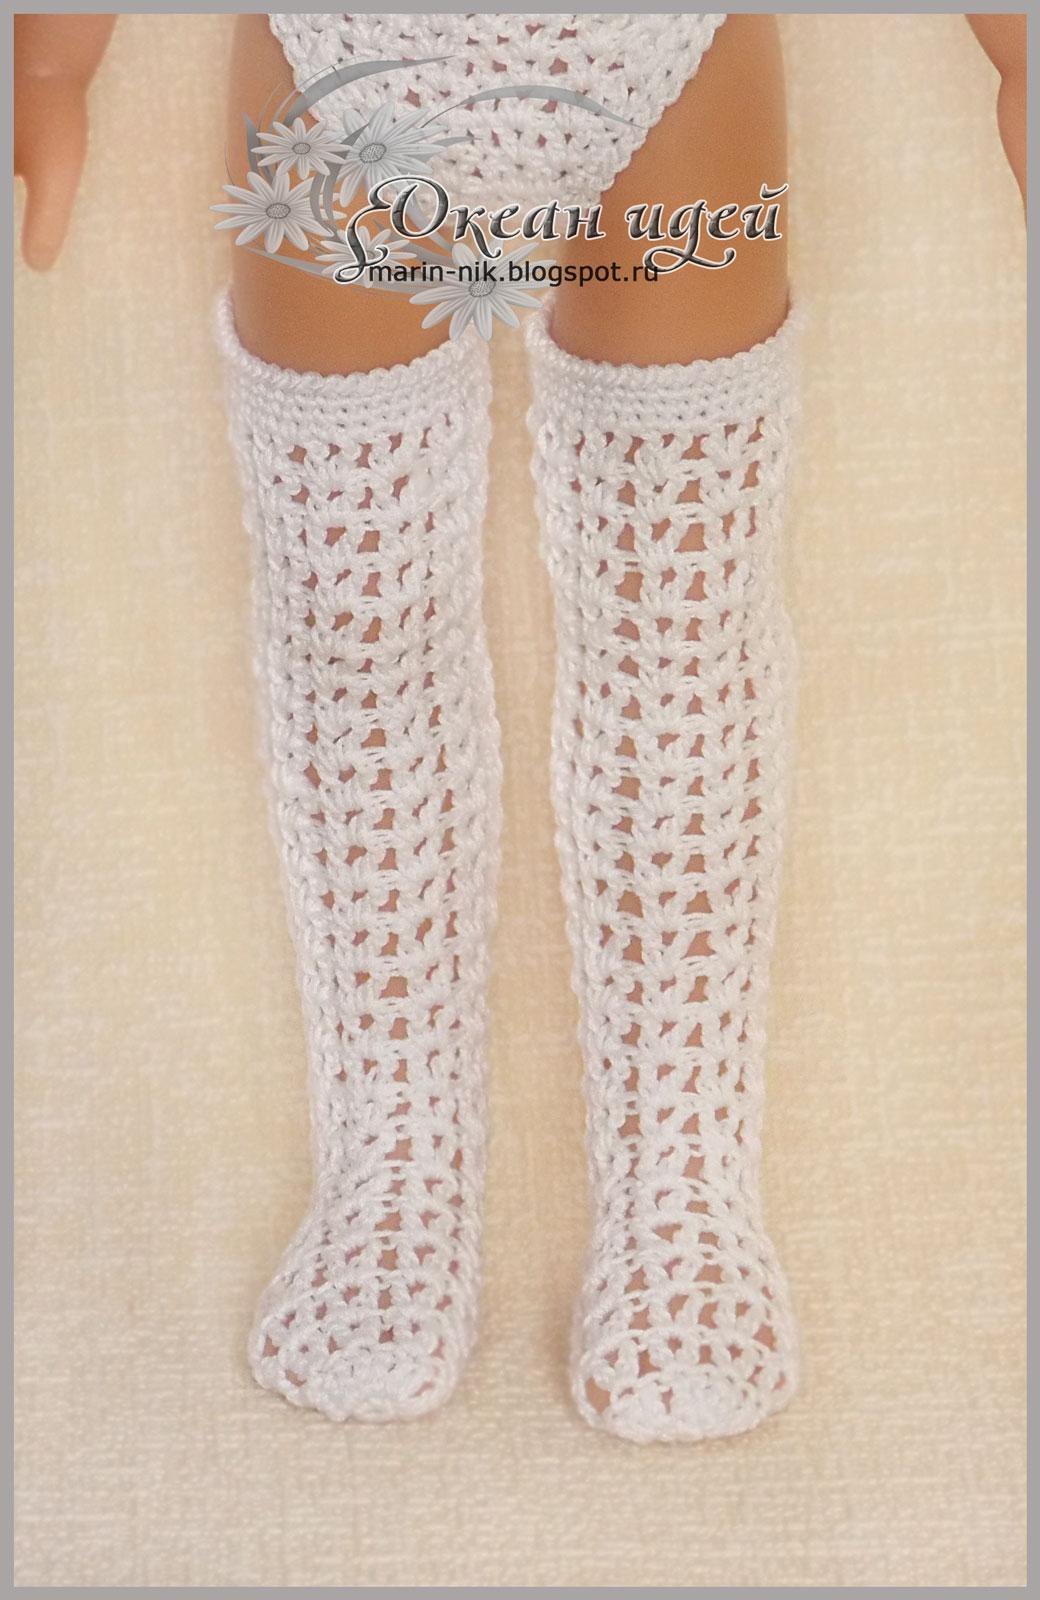 b0d802d80f68d Ателье Прикид: Чулки, высокие гольфы, гольфы, носки для куклы Паола ...